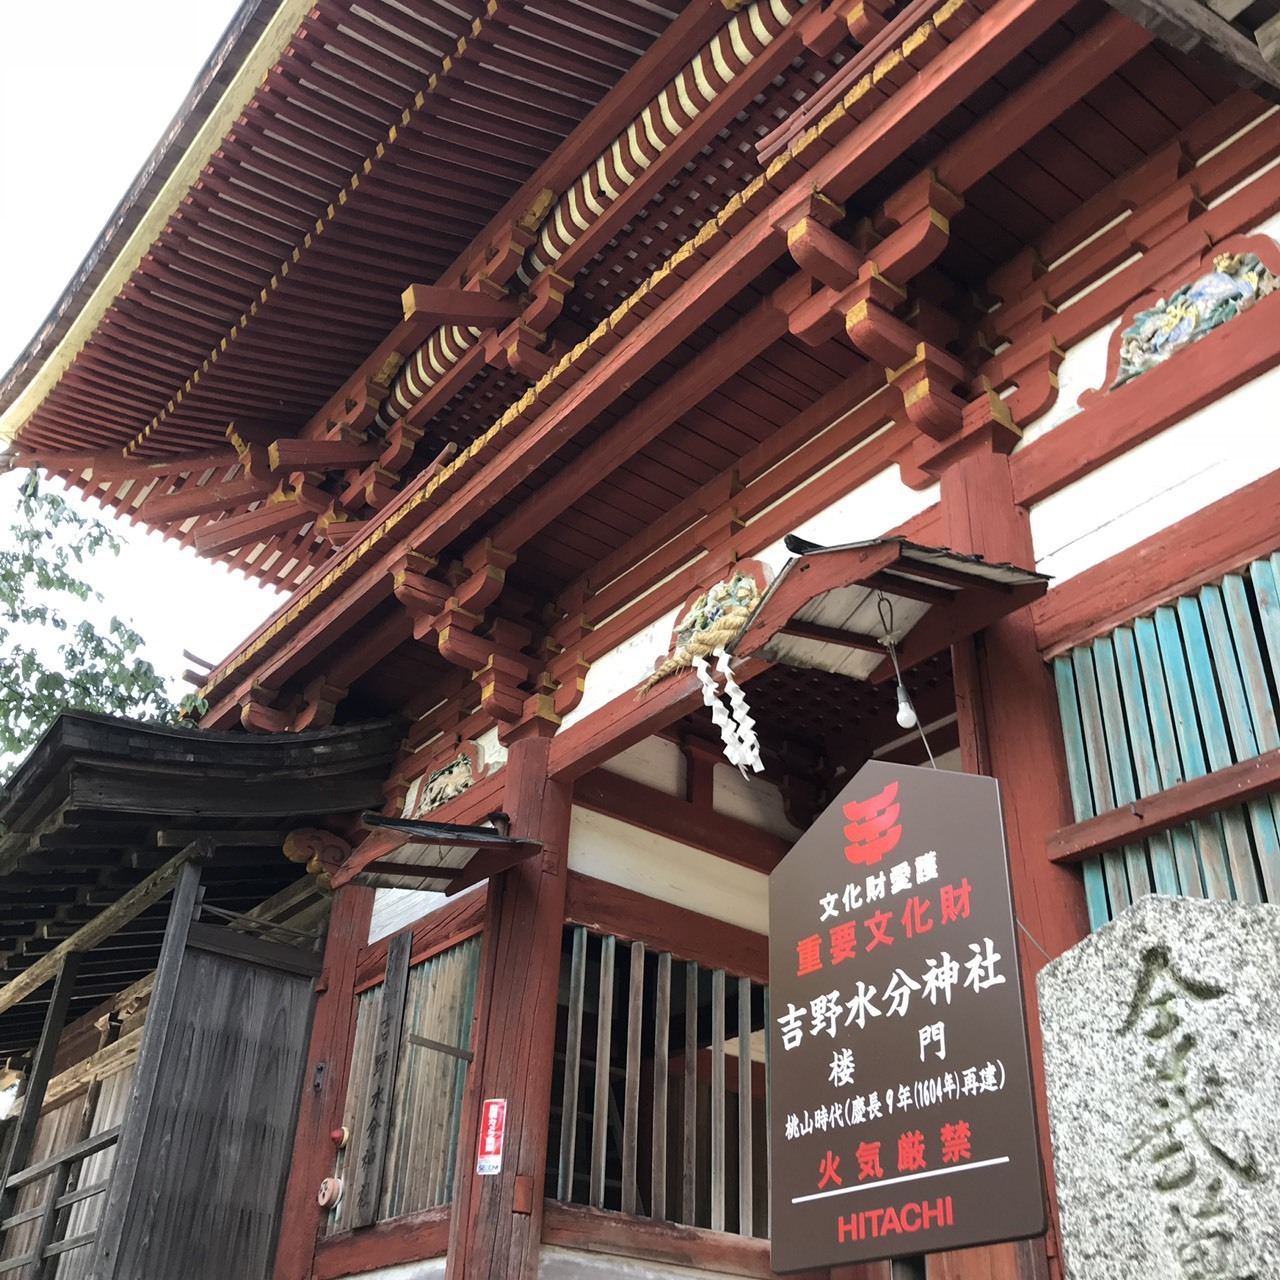 水分神社の桜が満開になりました!(水分神社:上千本)_e0154524_16503782.jpg